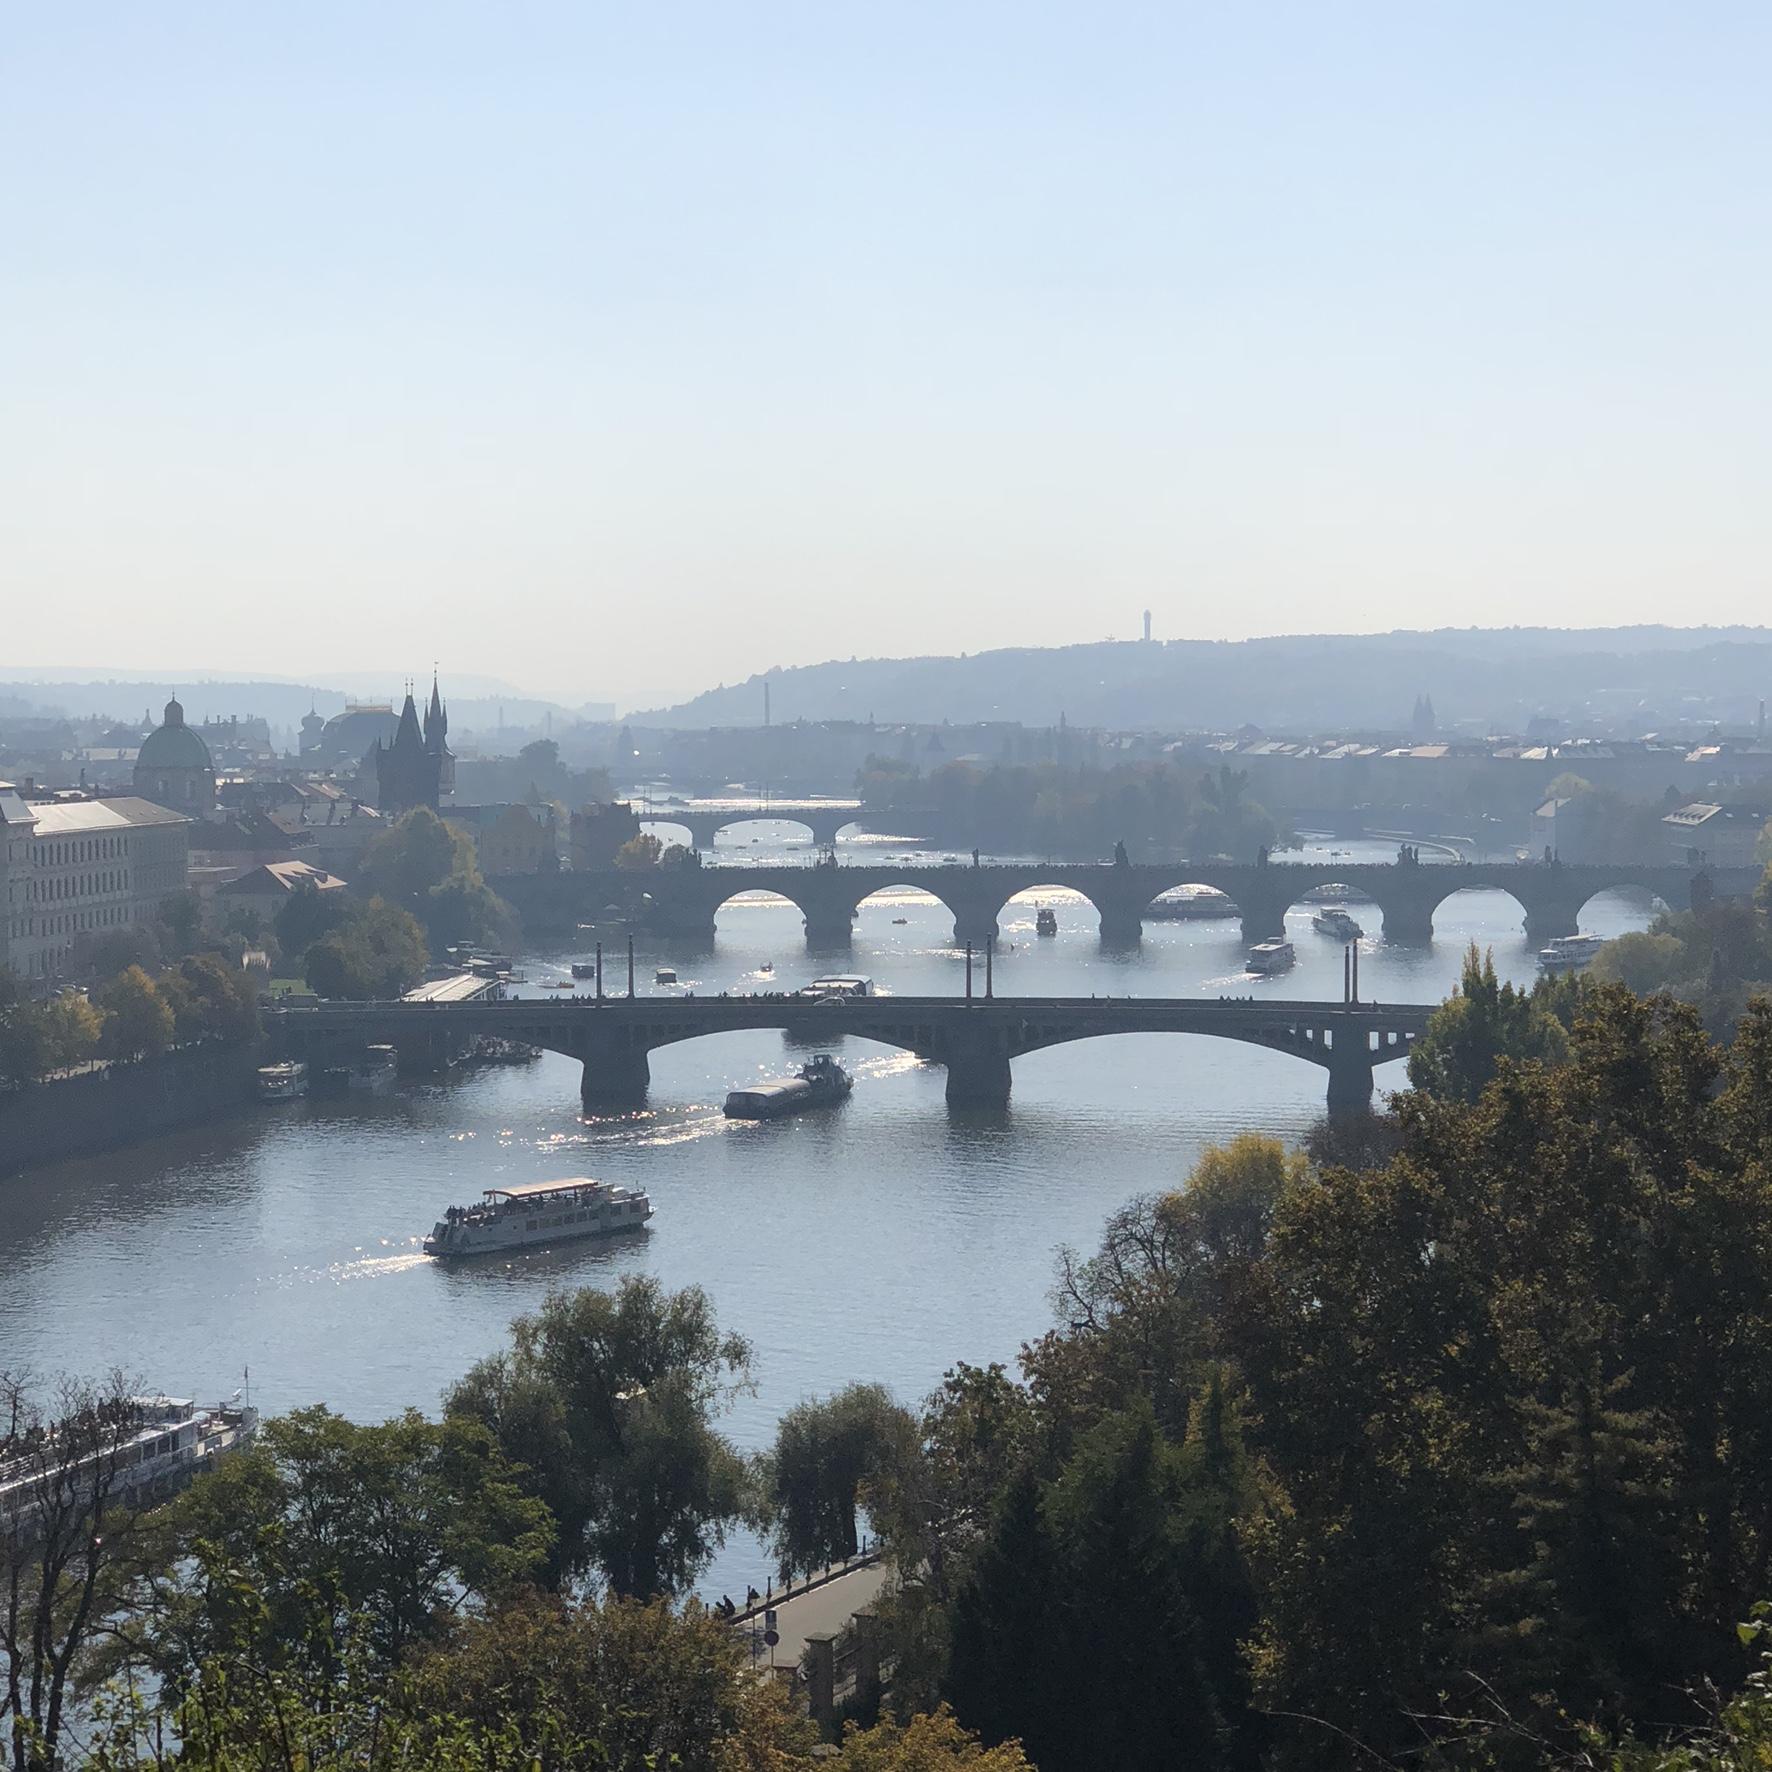 Vltava, Tsjekkias lengste elv, krysses av 18 broer, deriblant den verdensberømte Karlsbroen. Foto: Vegard Berggård